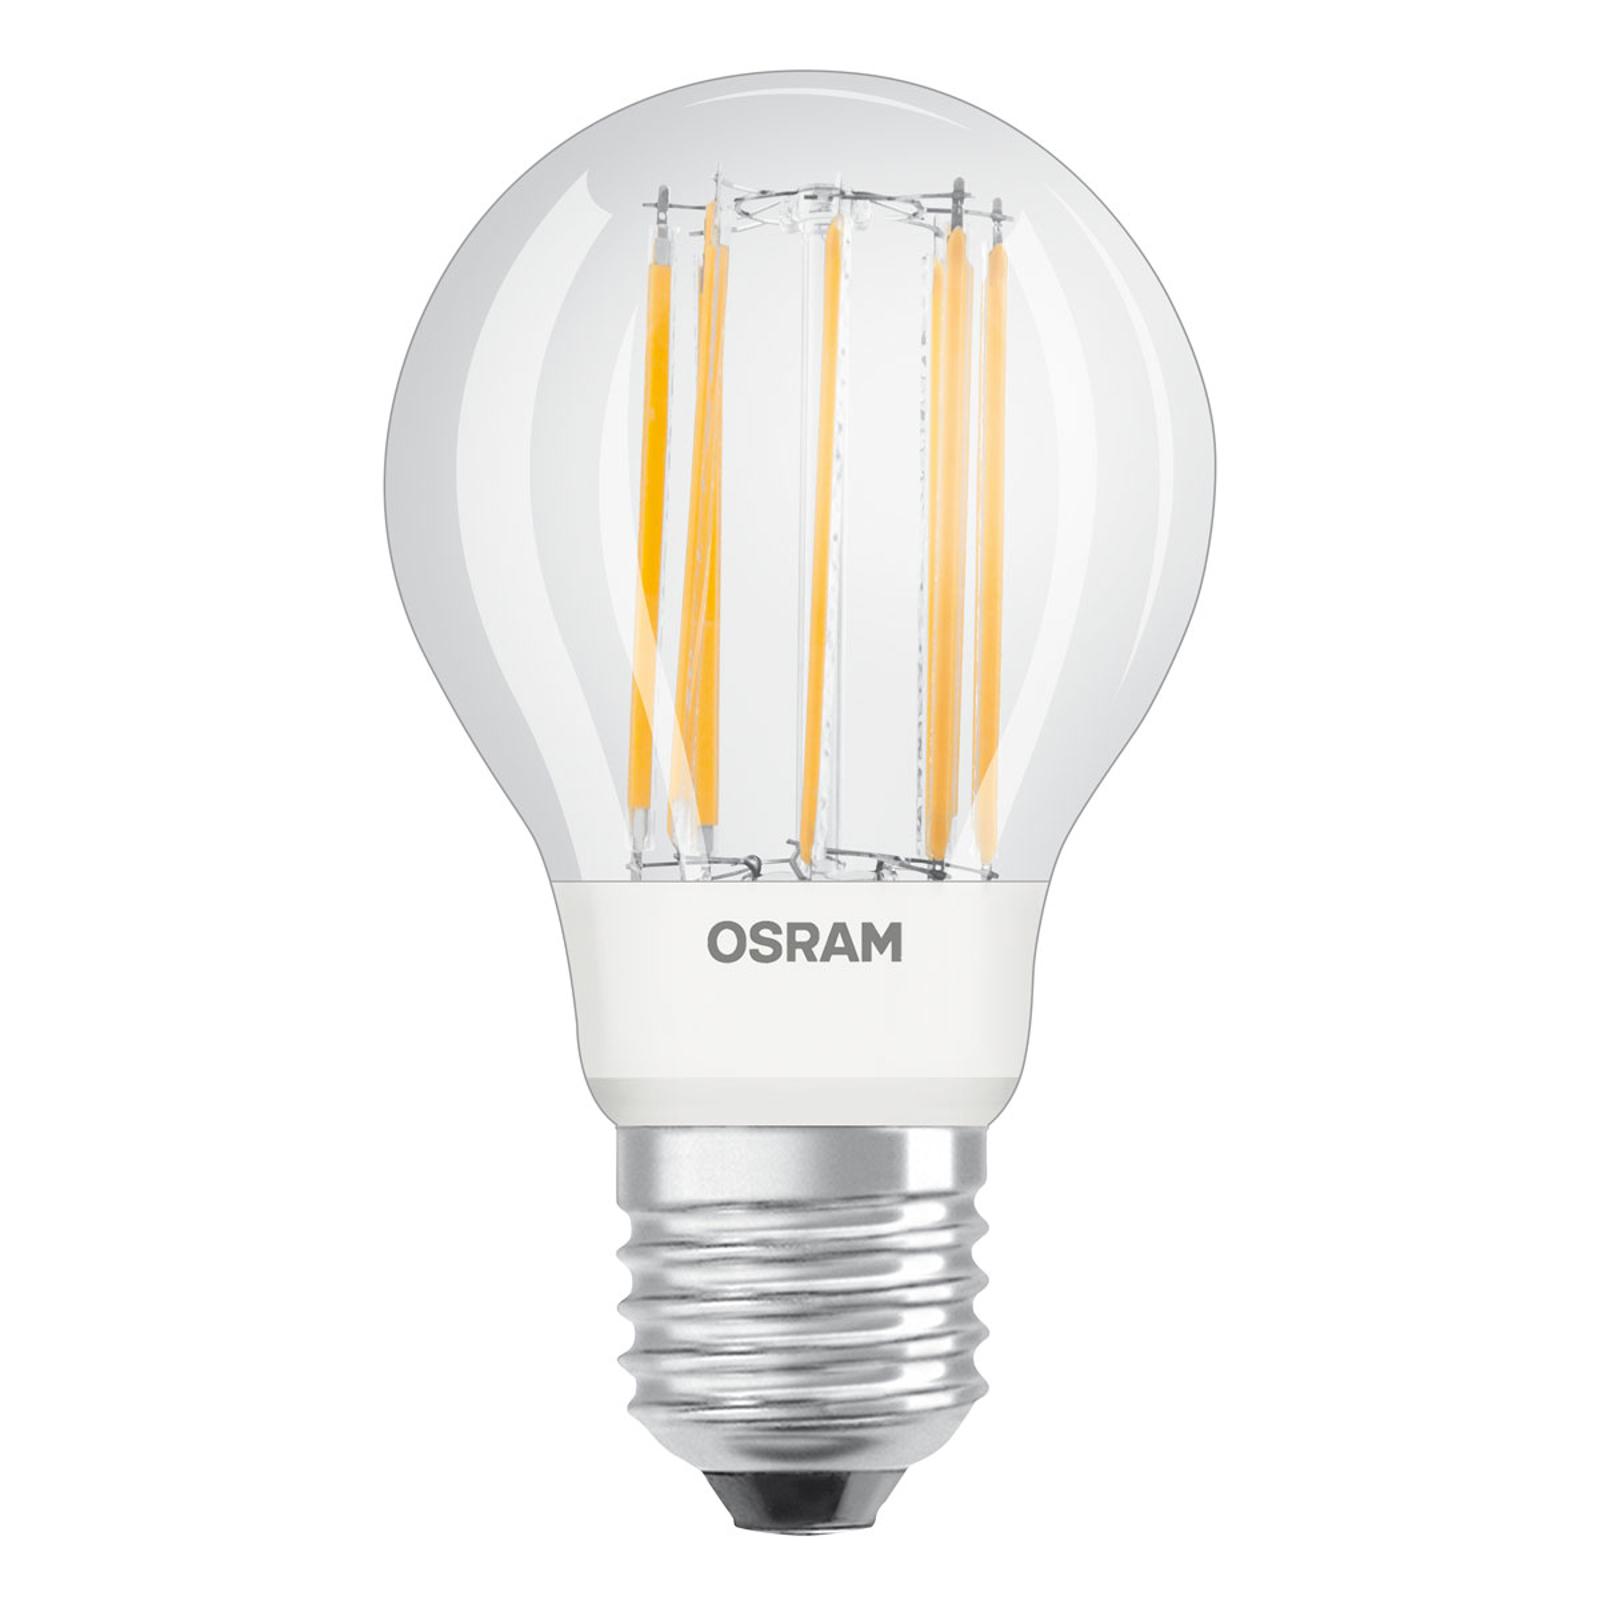 OSRAM-LED-lamppu Classic Filament 12W kirkas 2700K